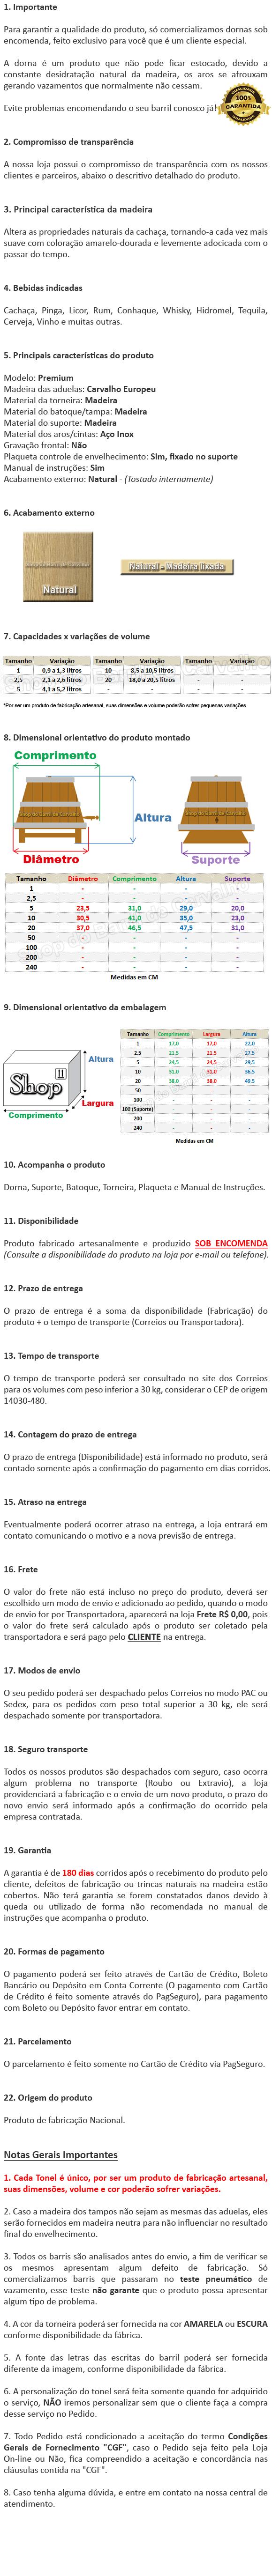 Descricao-Dorna-Carvalho-Europeu-Premium-Natural-Sem-Gravacao.png